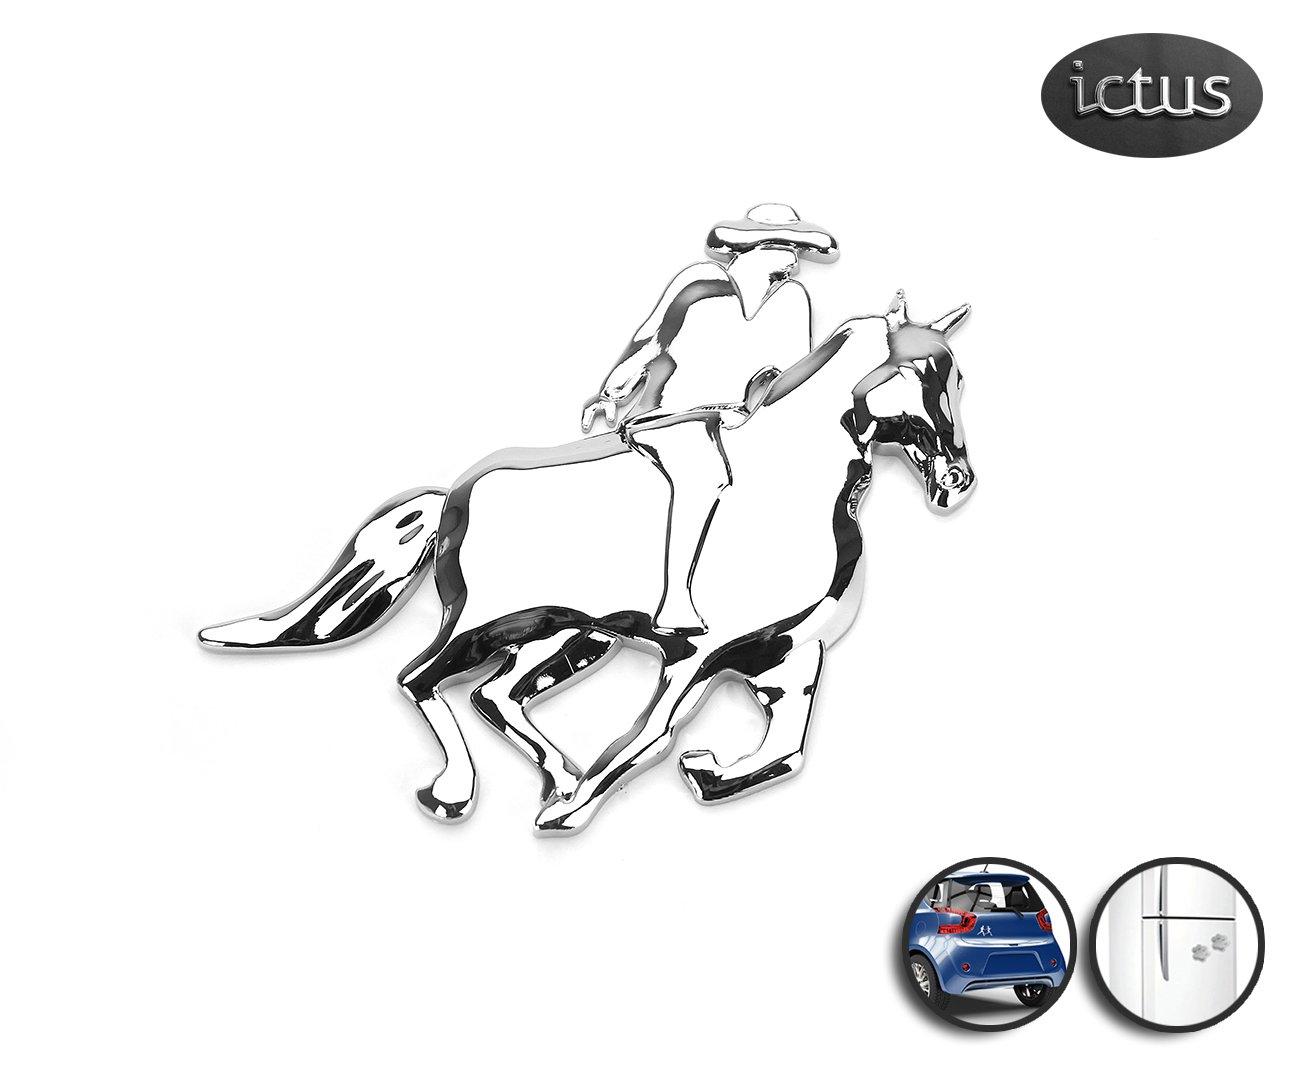 Emblema Cavaleiro - Ictus